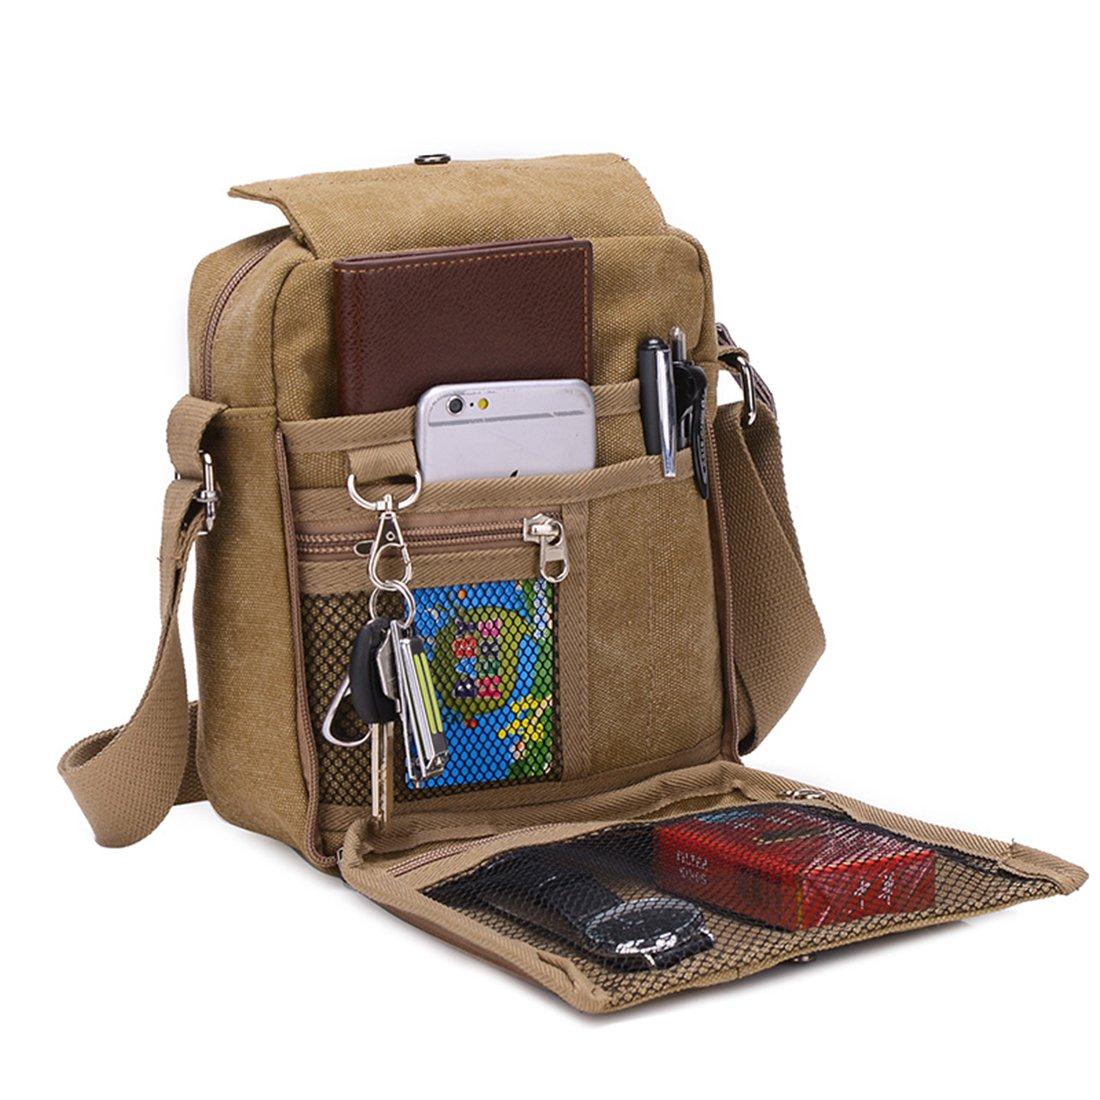 2c96c02427 Ultra moderne hommes Vintage Petit sac bandoulière en toile sac bandoulière  sac de rangement sacoche Durable Agrandir l'image